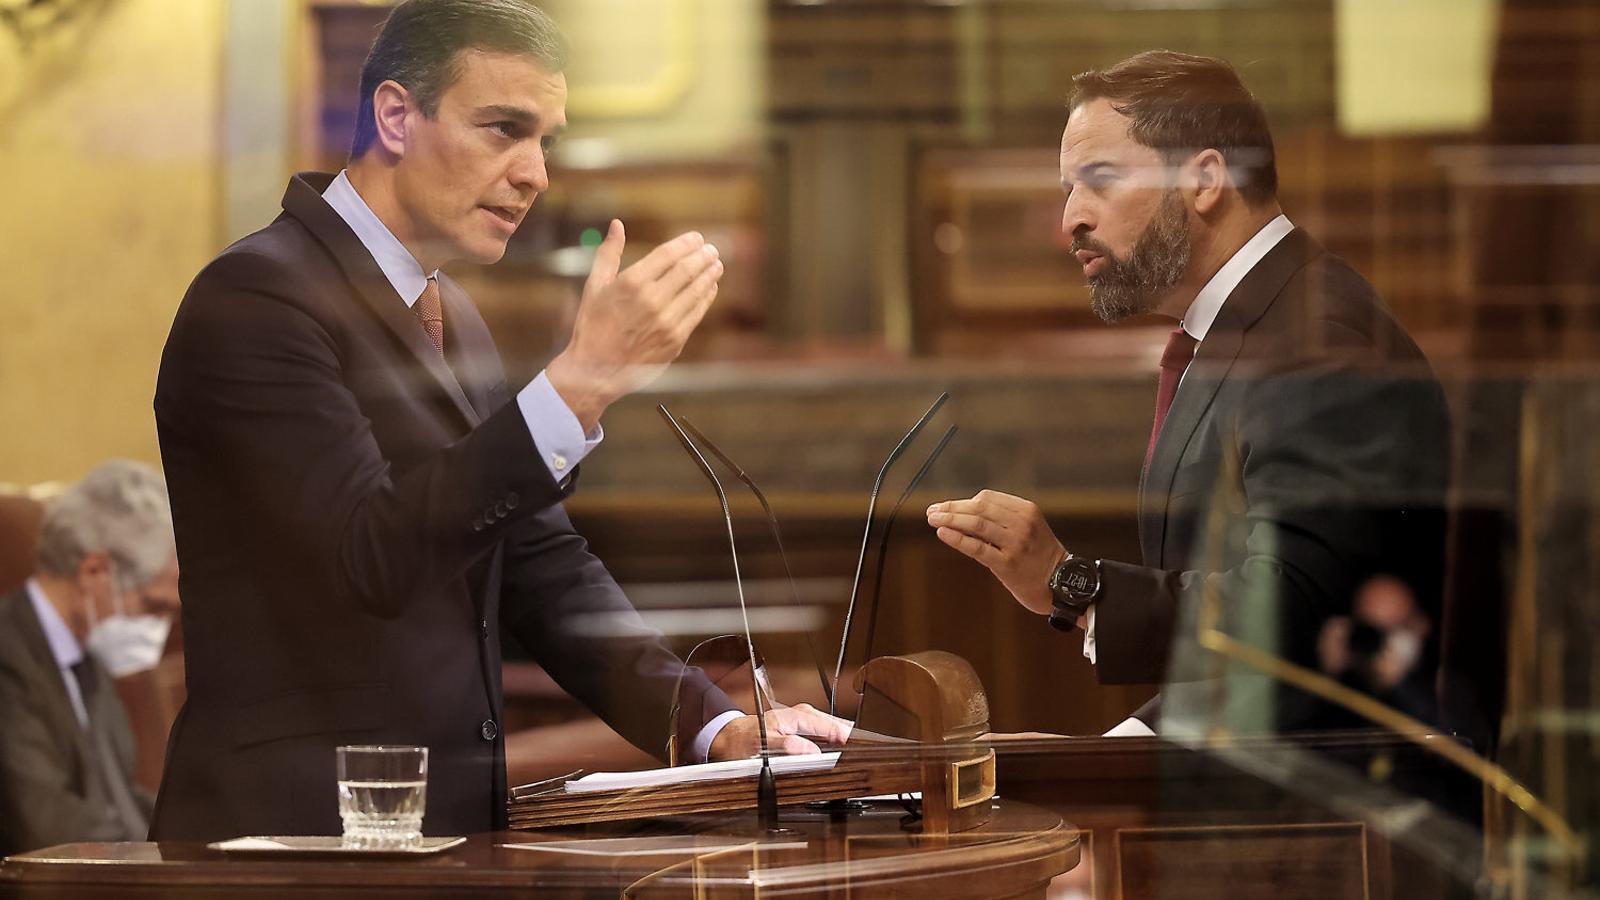 EN DIRECTE | Segon dia de debat al Congrés de la moció de censura de Vox contra Sánchez